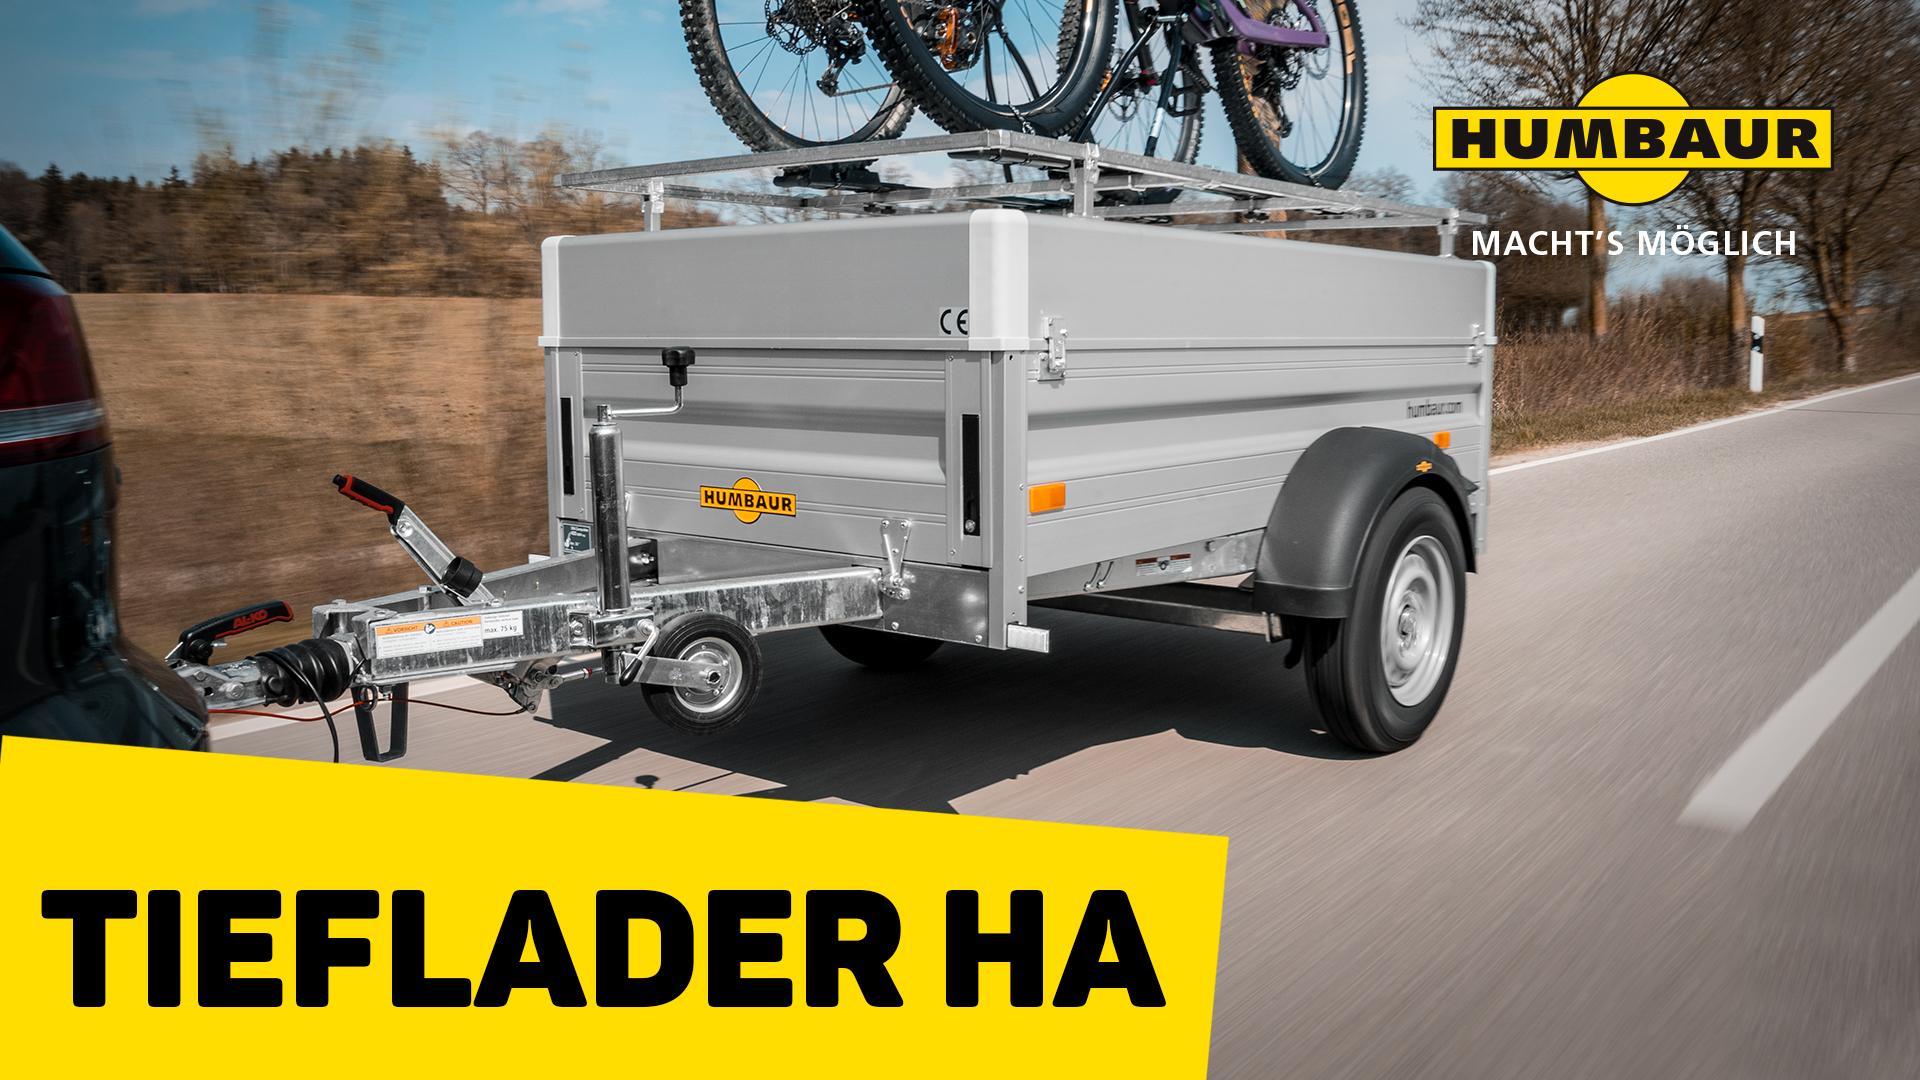 Humbaur Tieflader HA zum Fahrradtransport